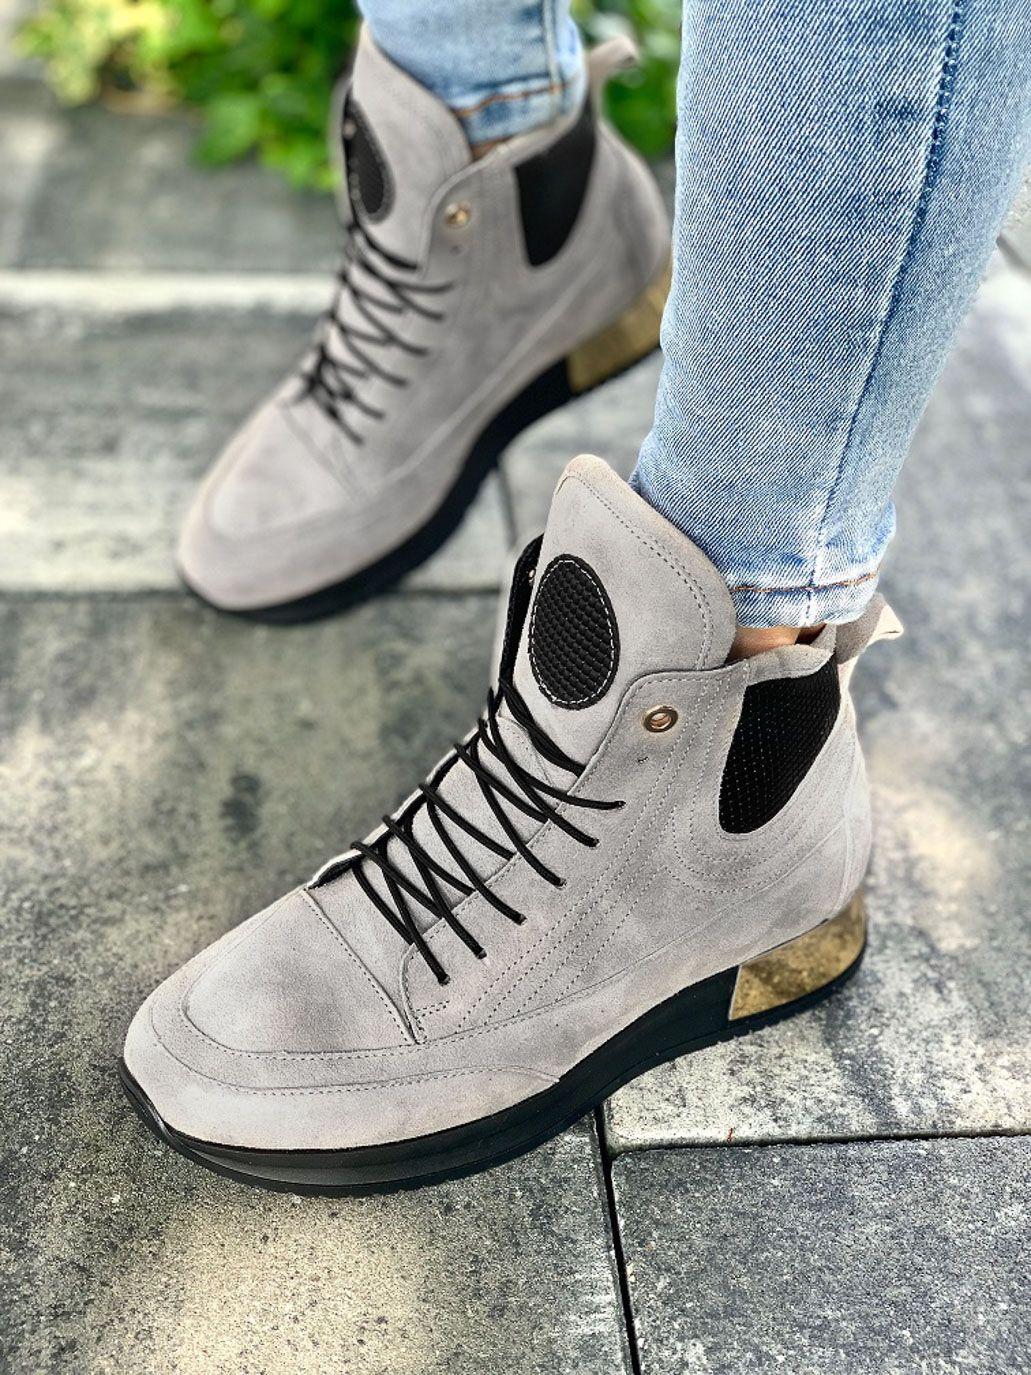 Szare Adidasy Damskie Skorzane High Top Sneakers Top Sneakers Sneakers Nike